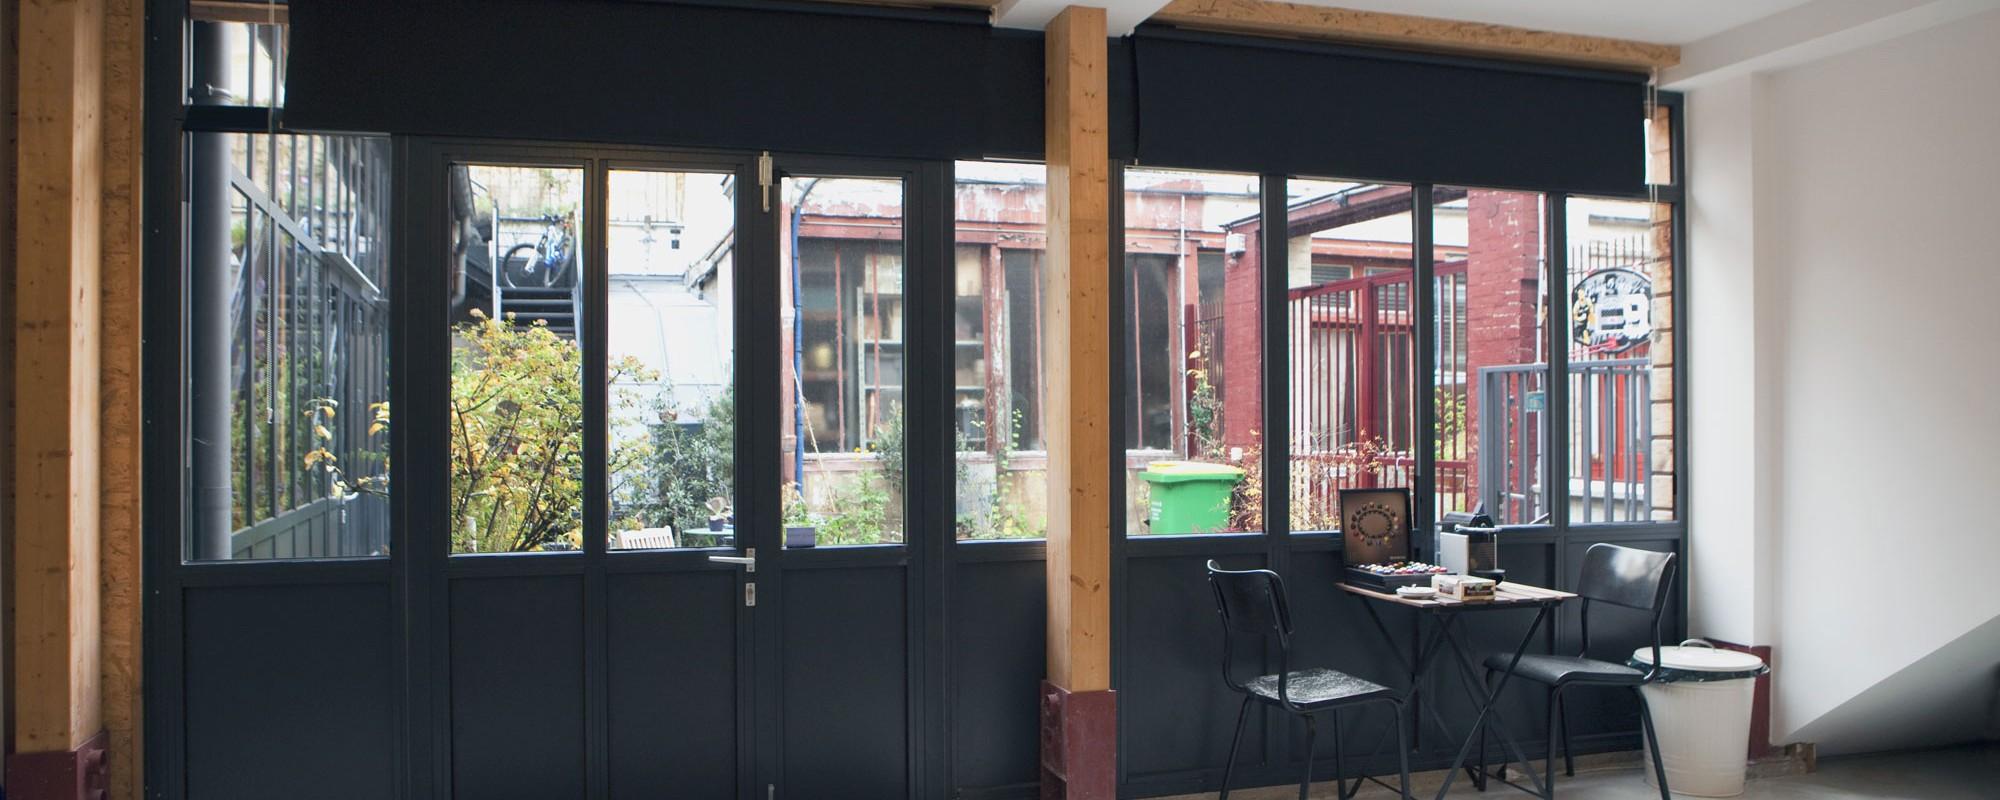 Logements et ateliers Paris : aménagements intérieurs